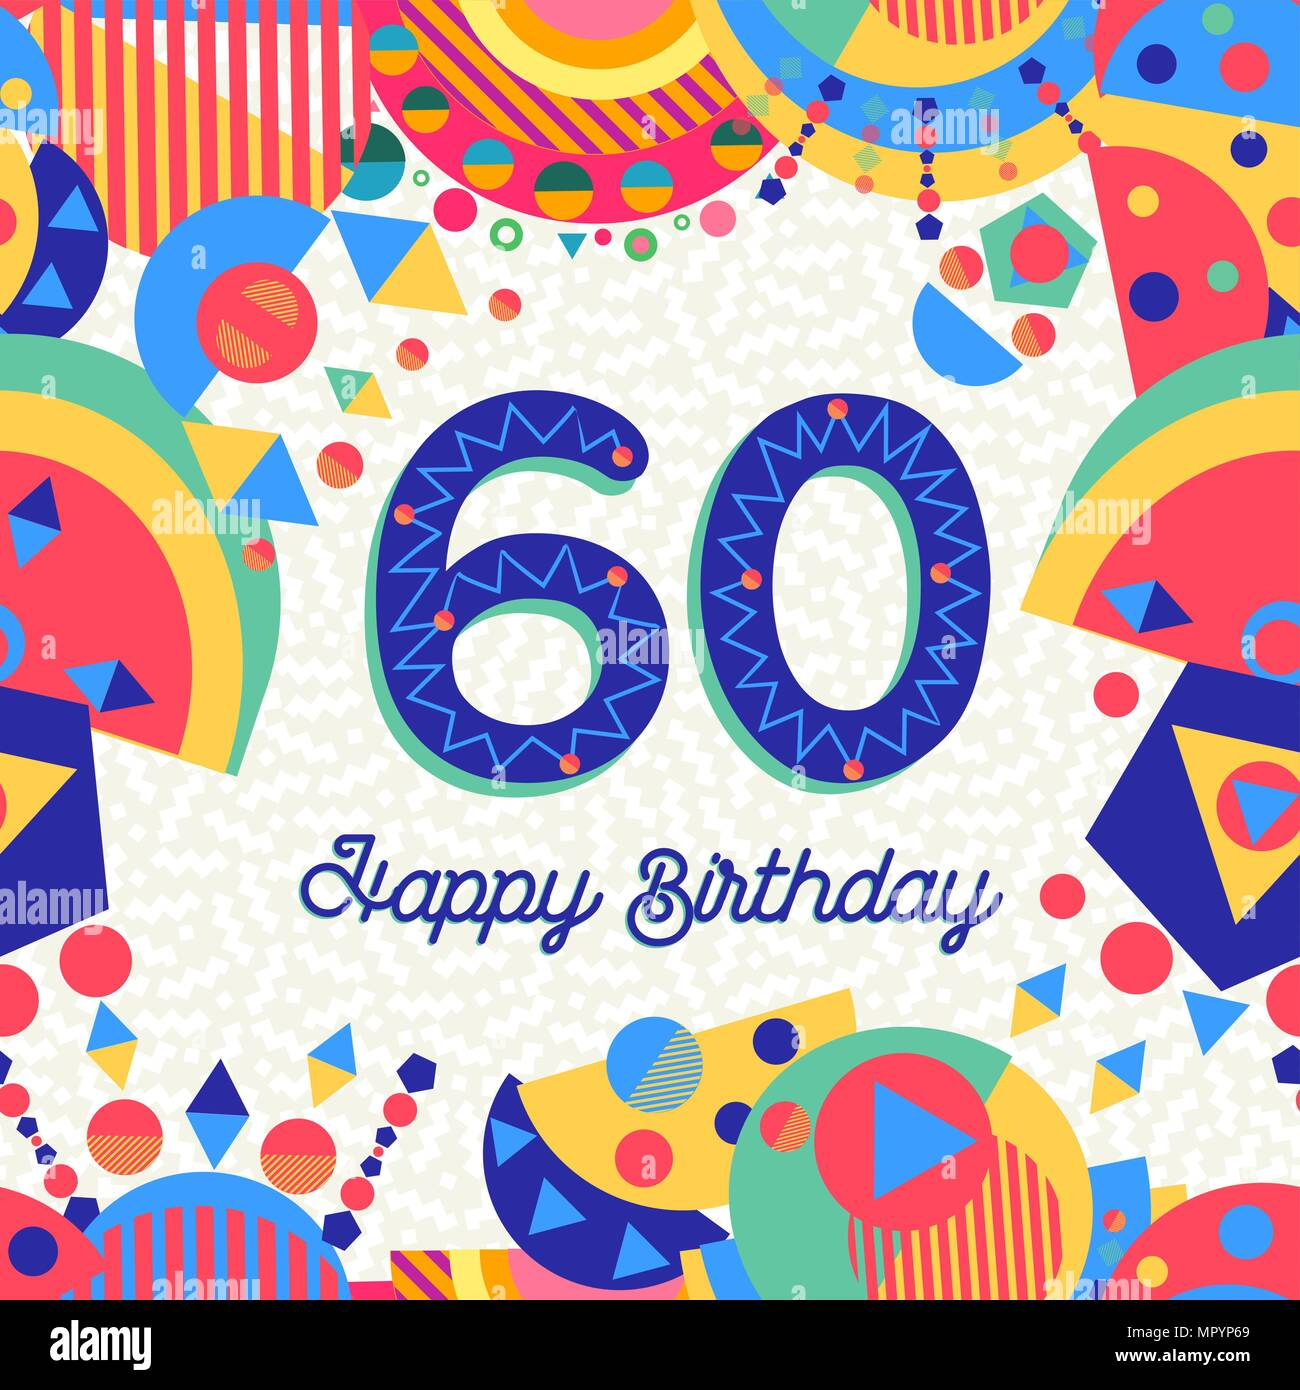 https www alamyimages fr joyeux anniversaire 60 ans 60 design avec etiquette de texte nombre et une decoration coloree ideal pour les fetes d invitation ou carte de voeux vecteur eps10 image186236241 html